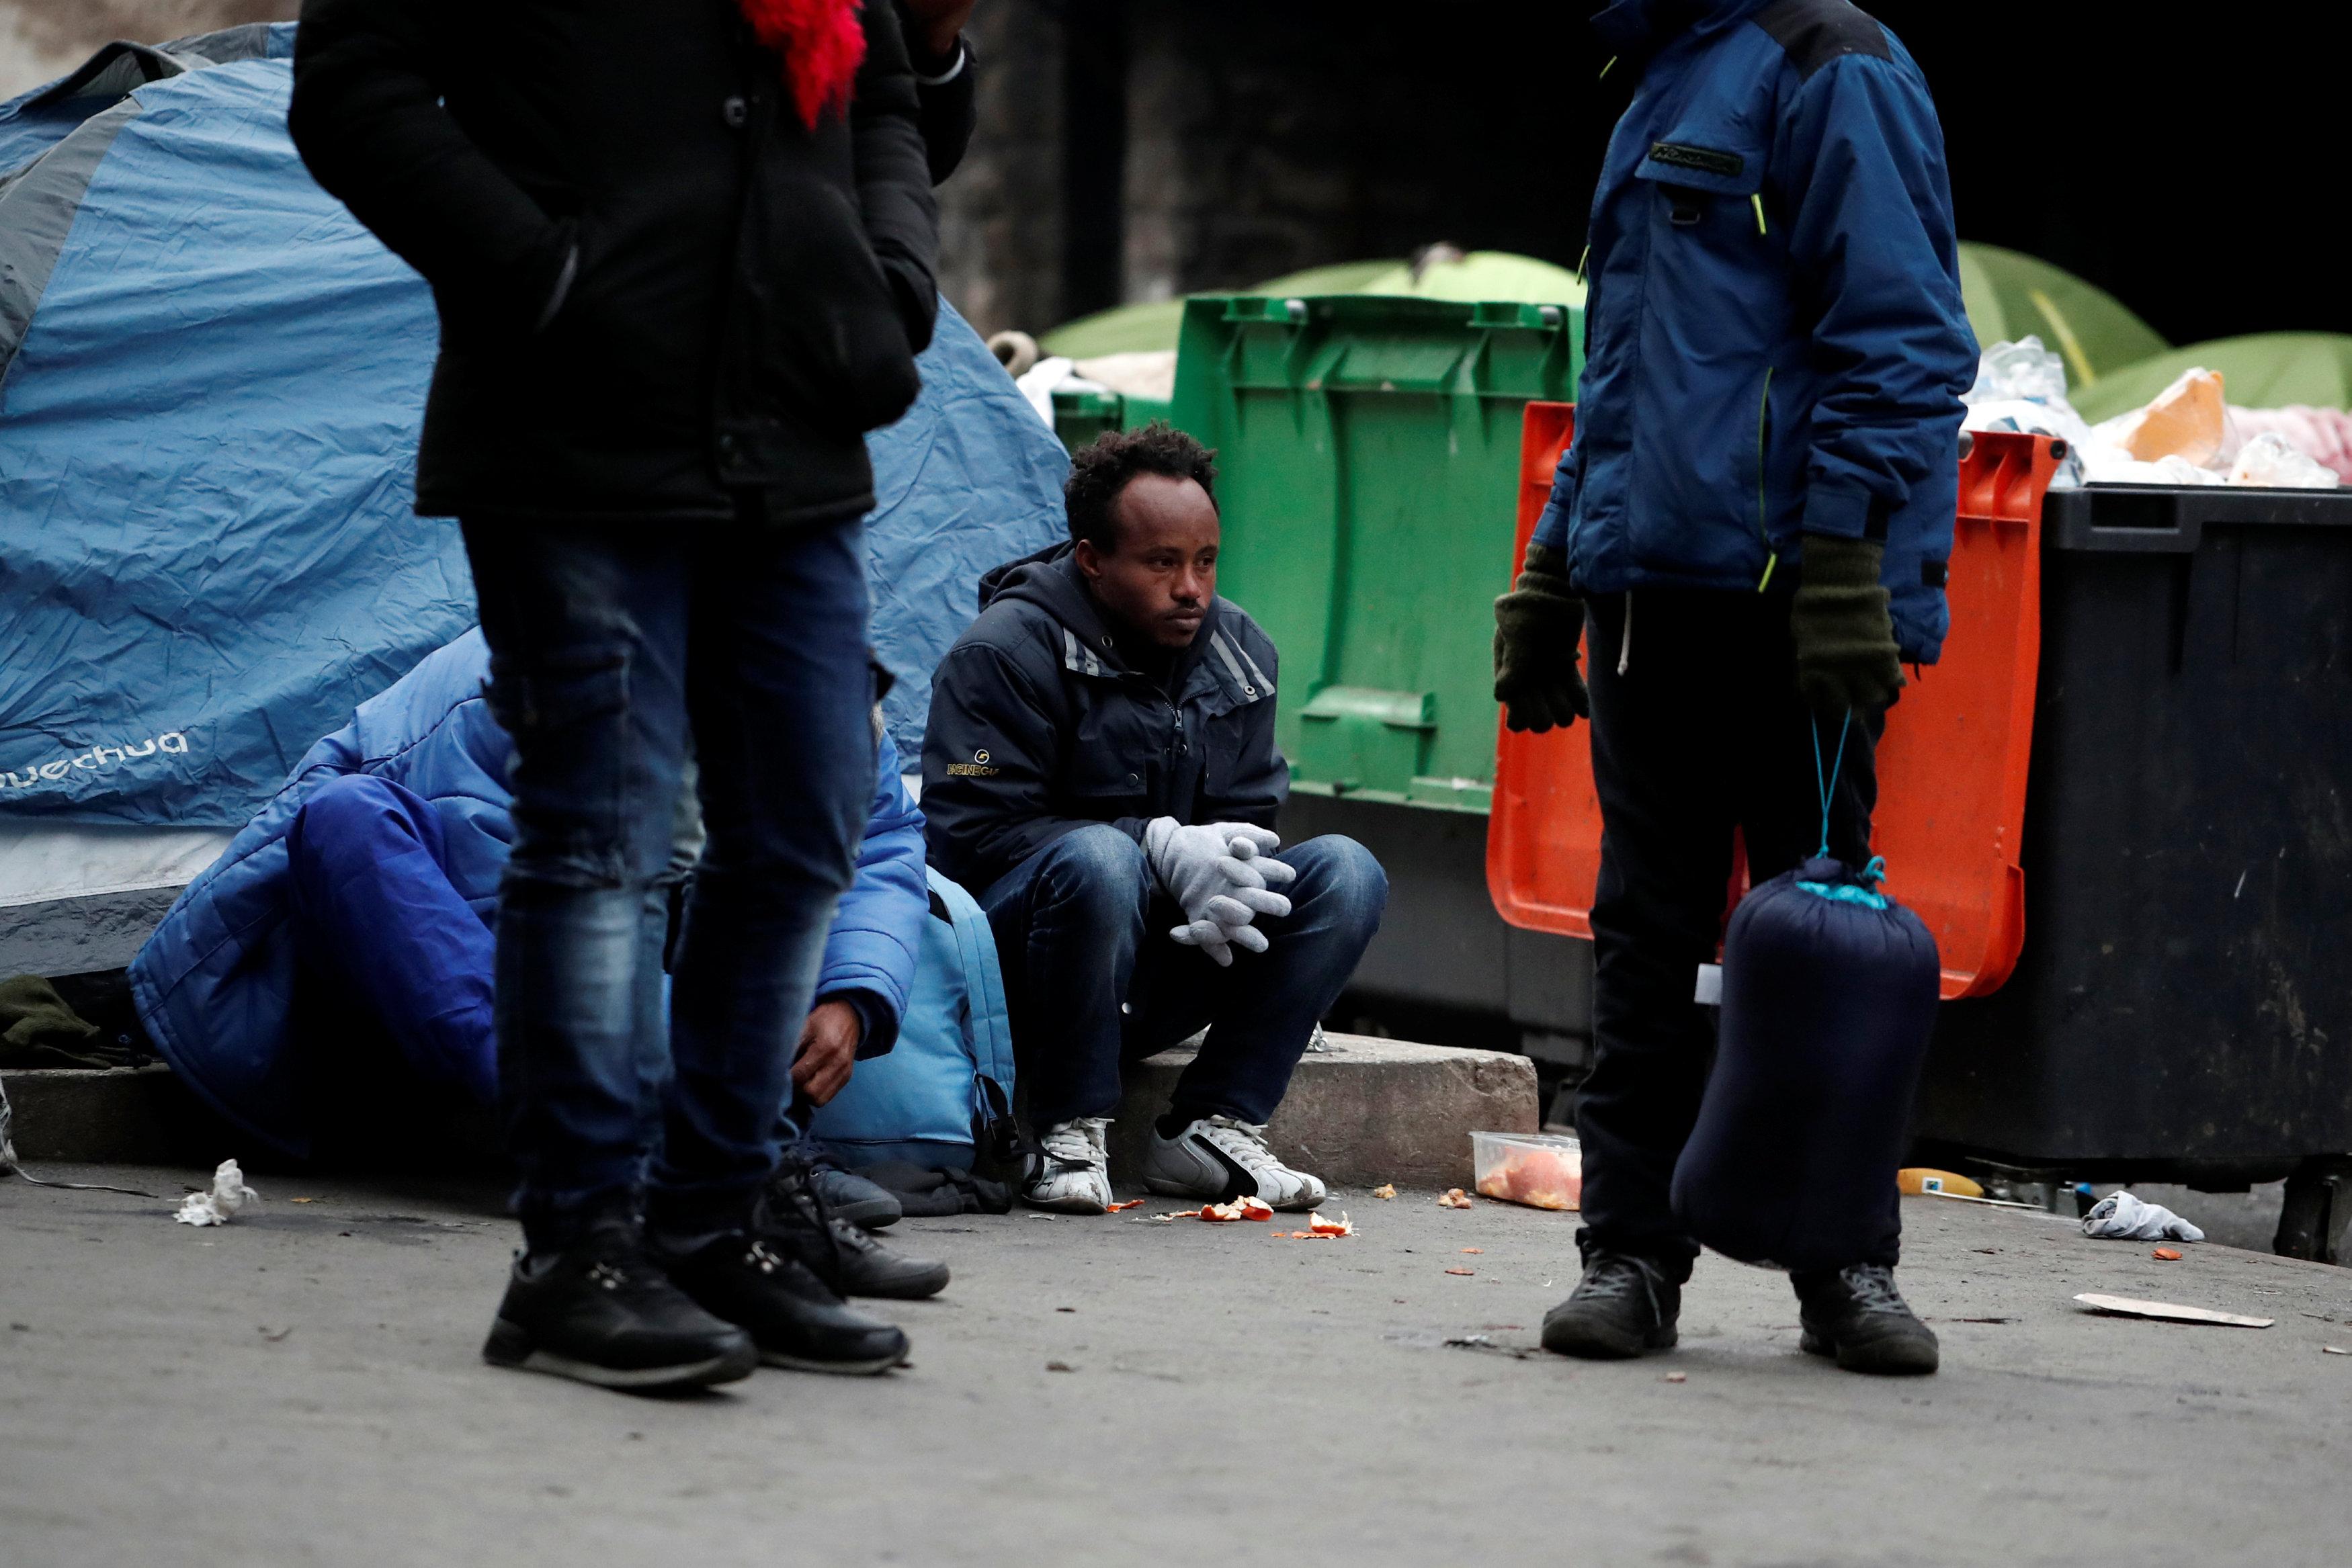 لاجئين بانتظار الحافلات التى تقلهم لمكانهم الجديد